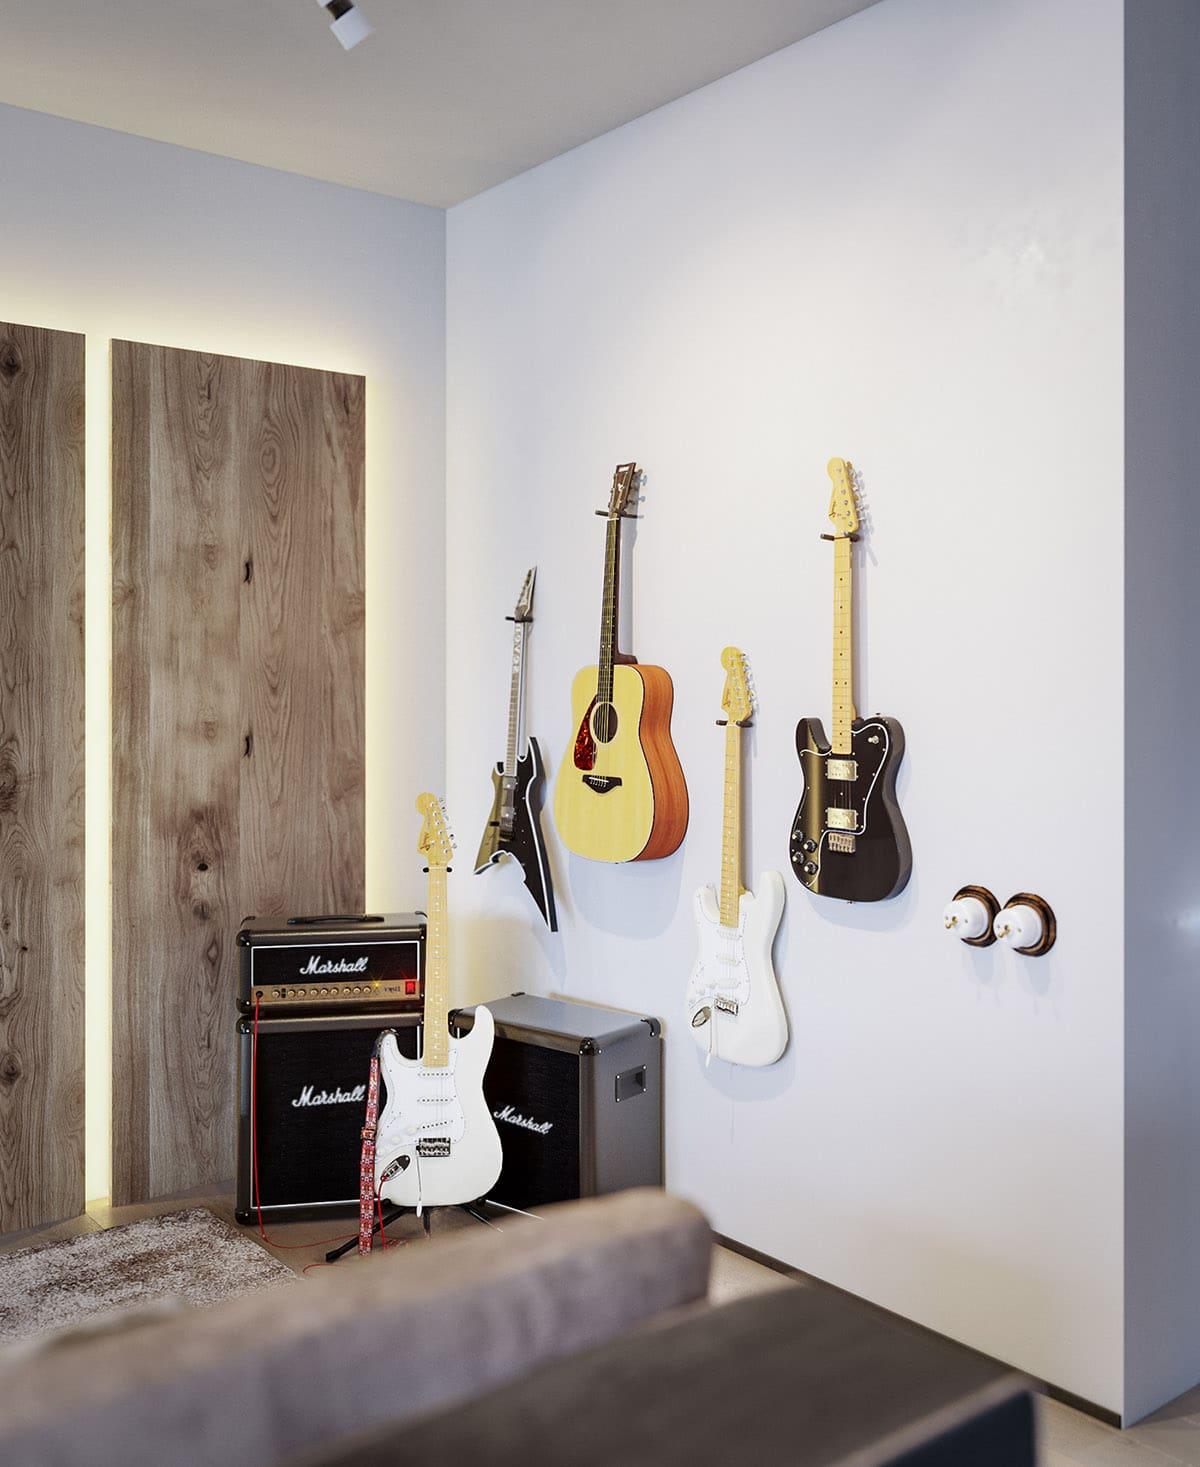 Необычный и стильный дизайн комнаты для настоящего меломана